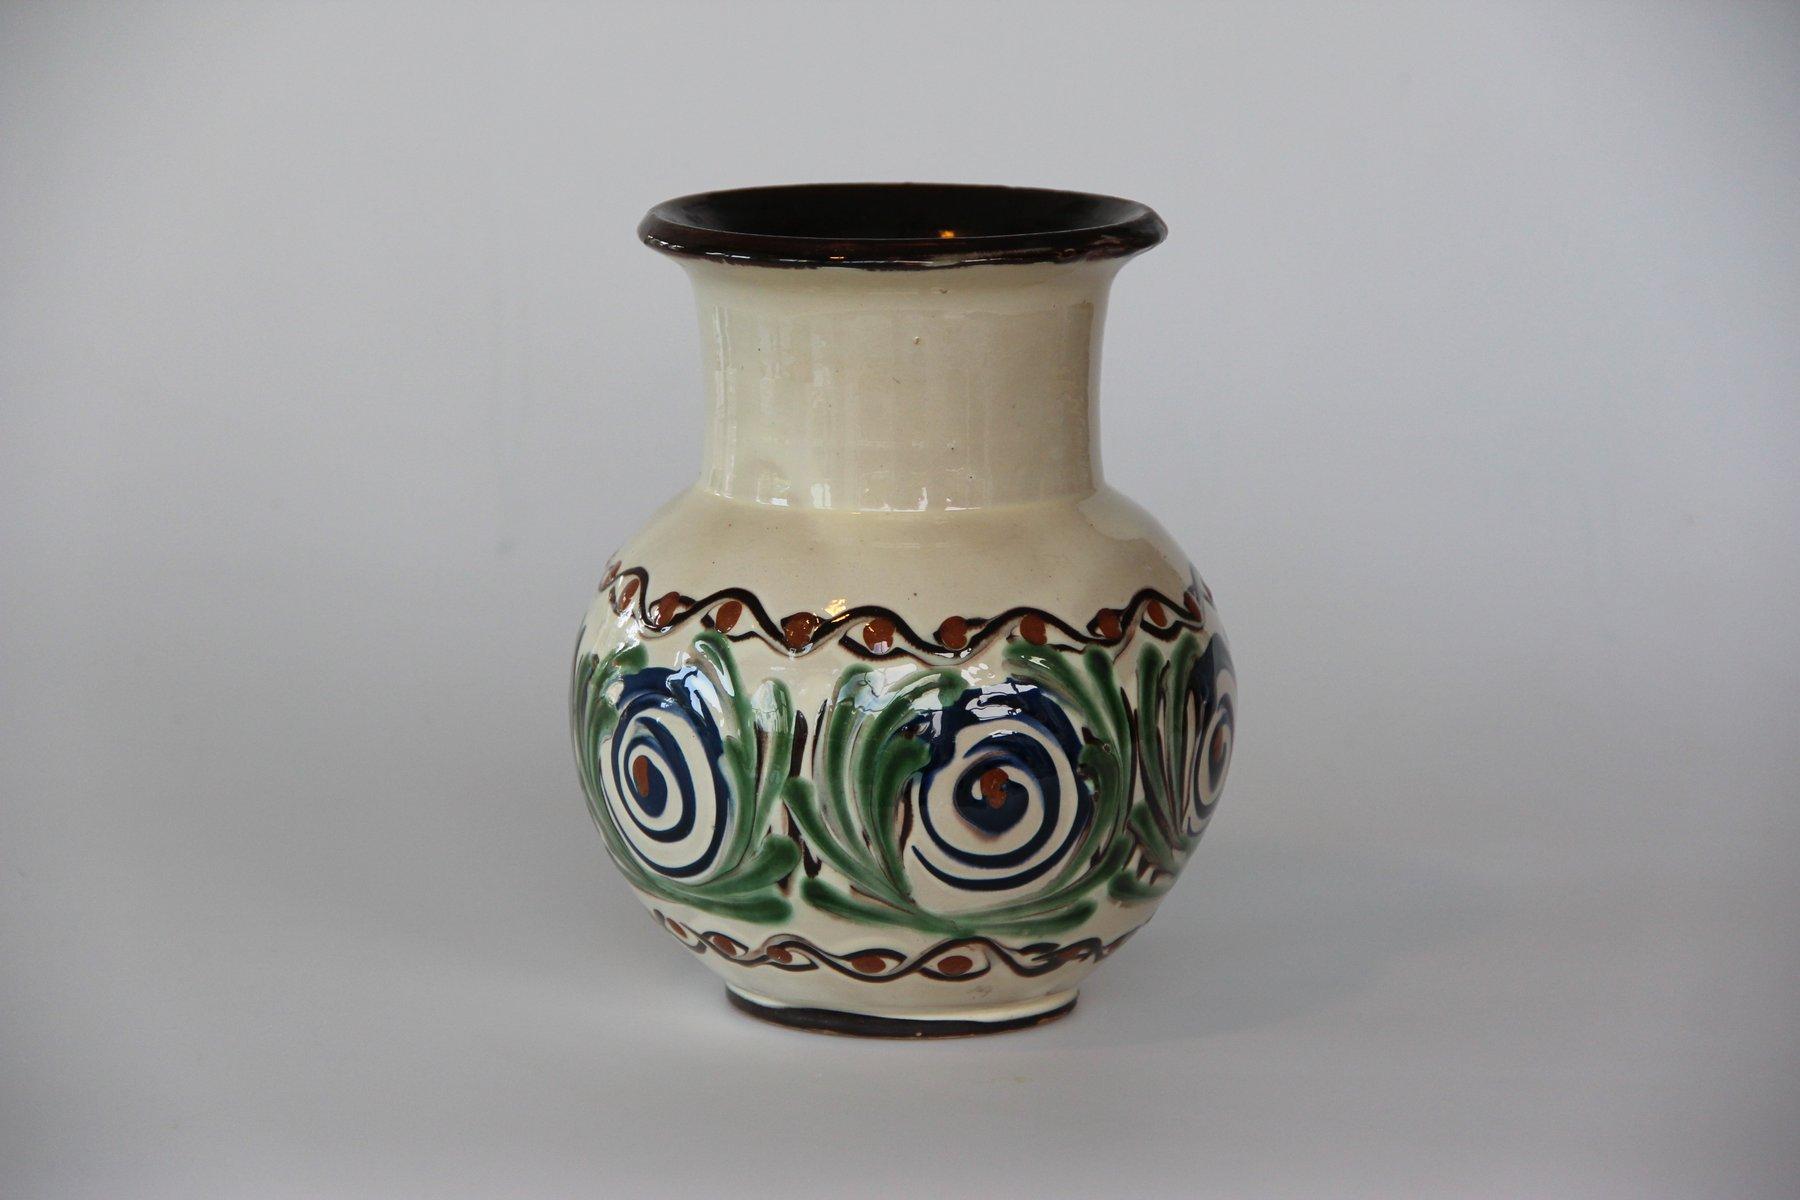 danish ceramic vase from k hler for sale at pamono. Black Bedroom Furniture Sets. Home Design Ideas